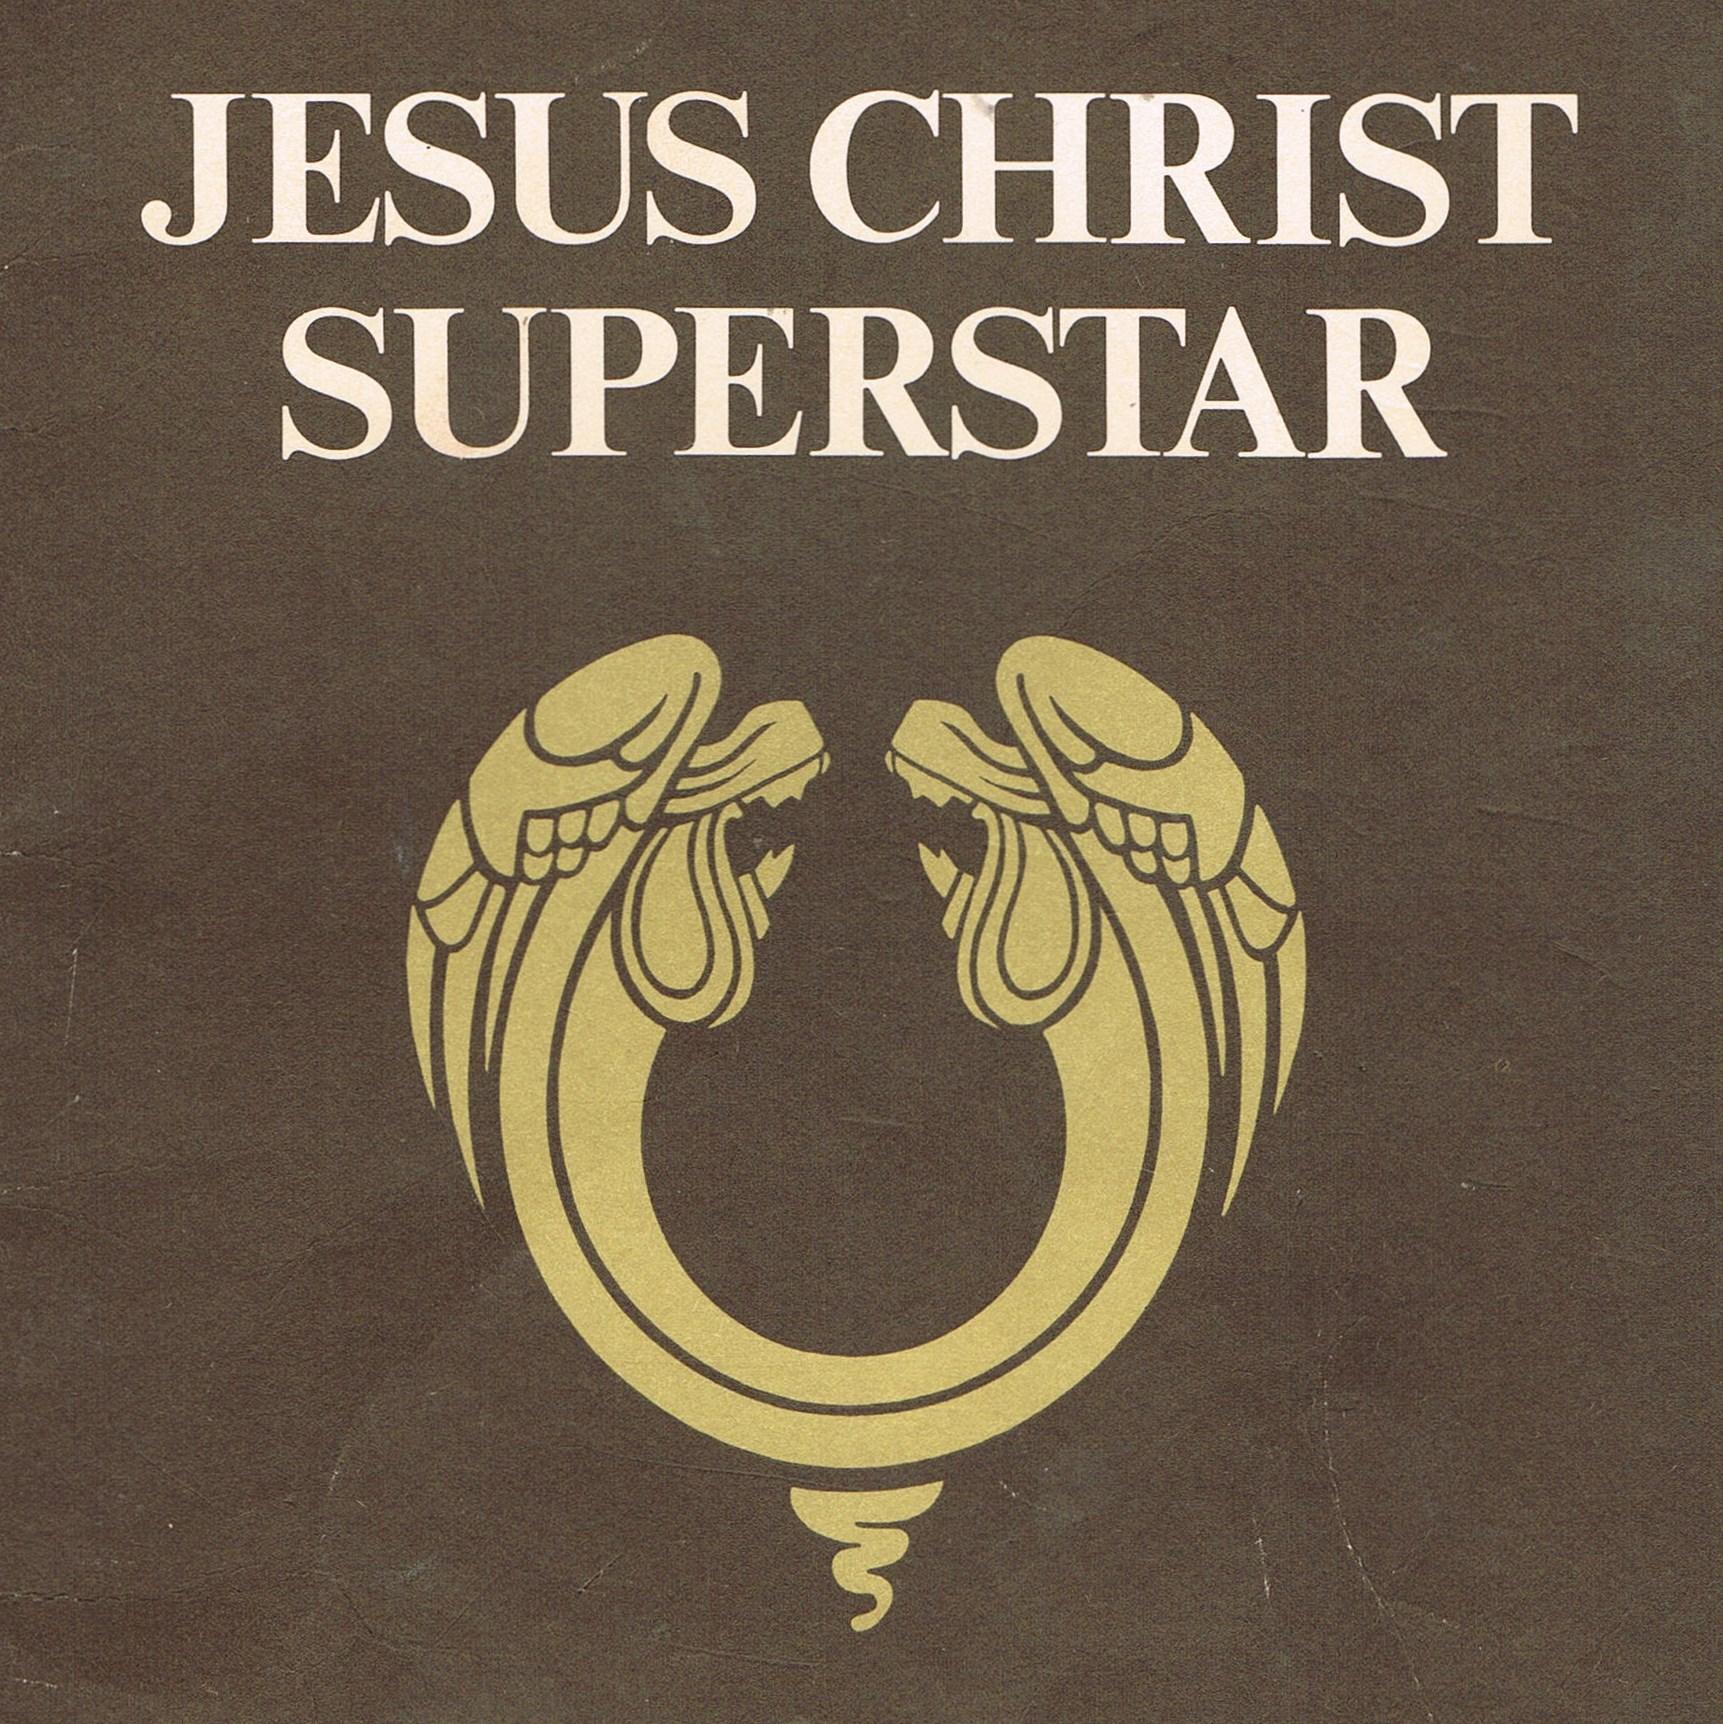 jesus christ superstar tickets 062115